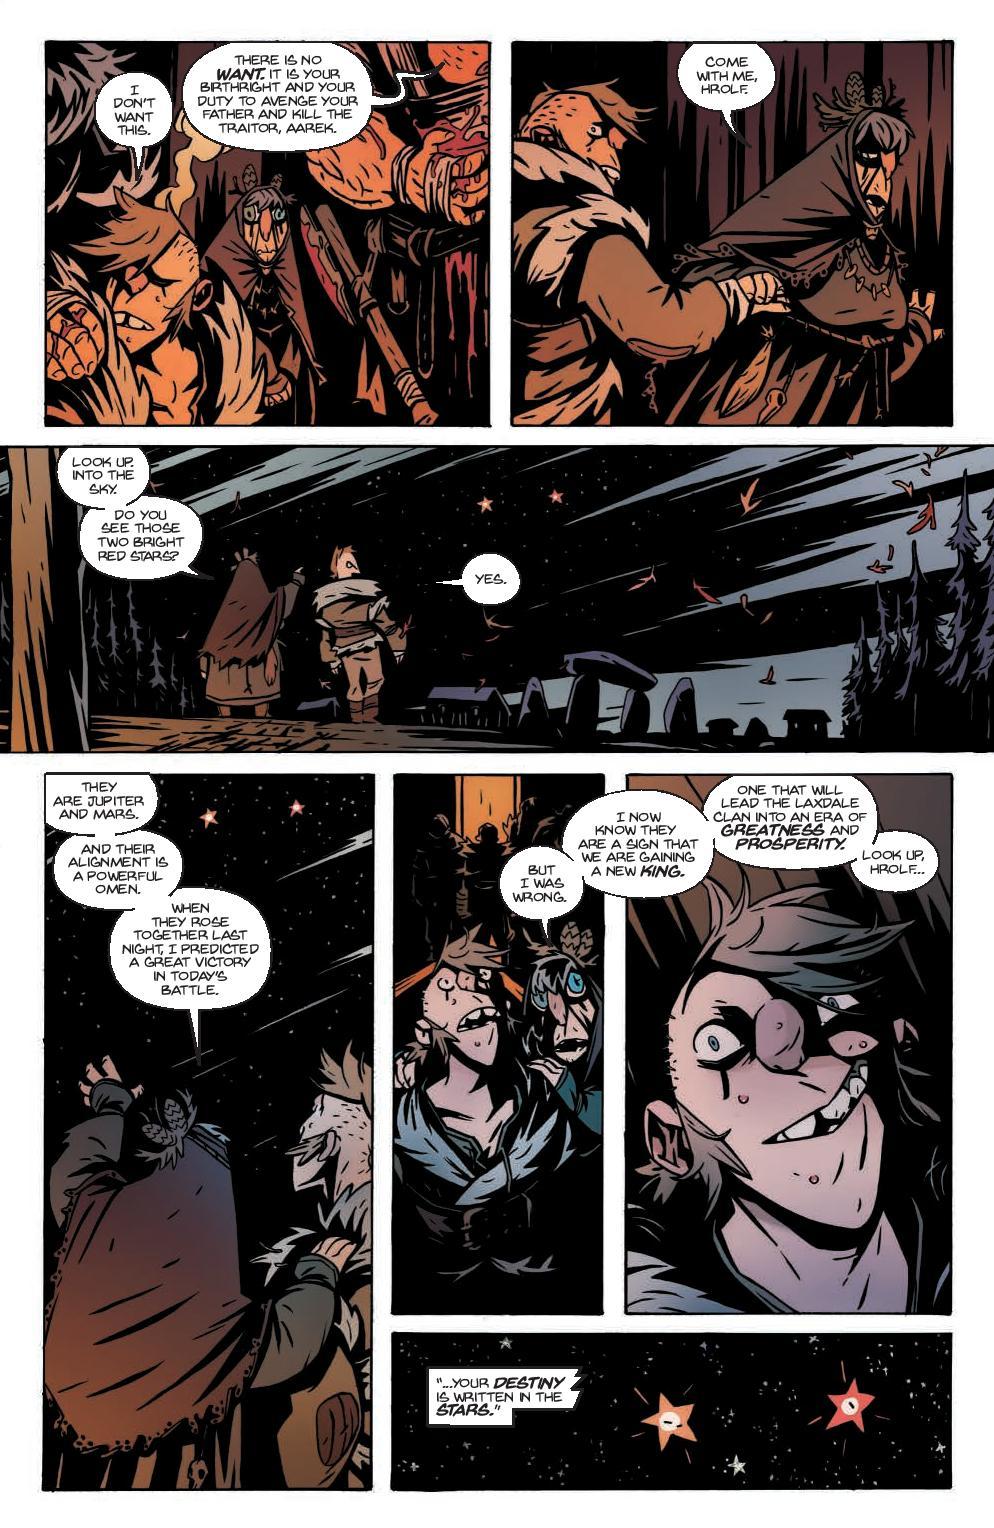 SpiderKing_01-pr-page-005